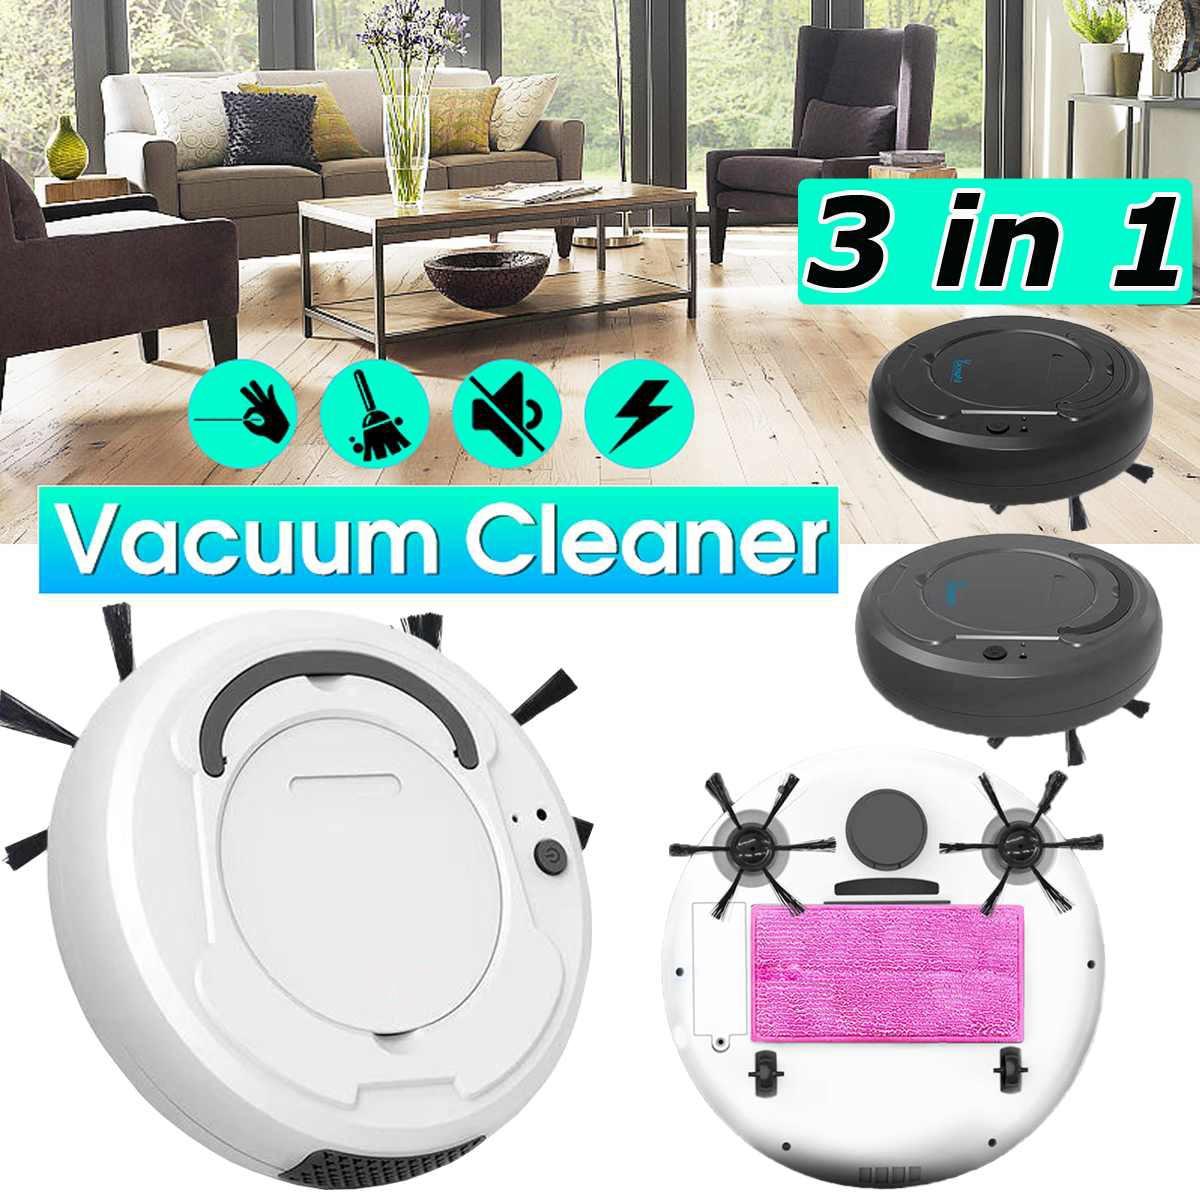 Автоматический перезаряжаемый умный робот-пылесос для уборки пола, пыли, волос, дома, электрический пылесос